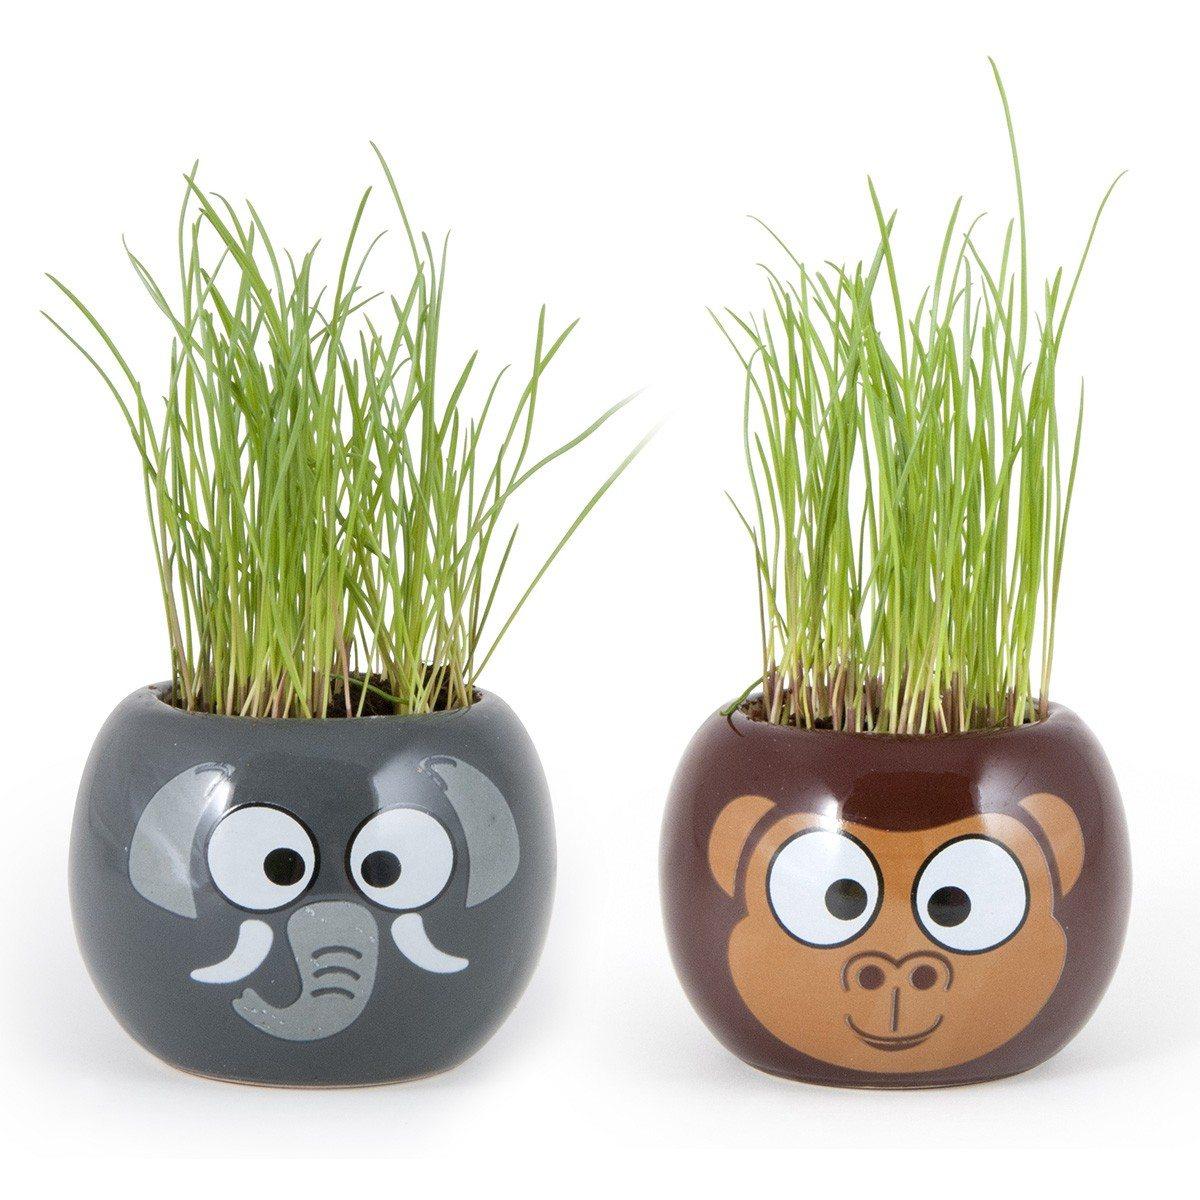 Klein plantje met dierenafbeelding  Cadeautjesnl